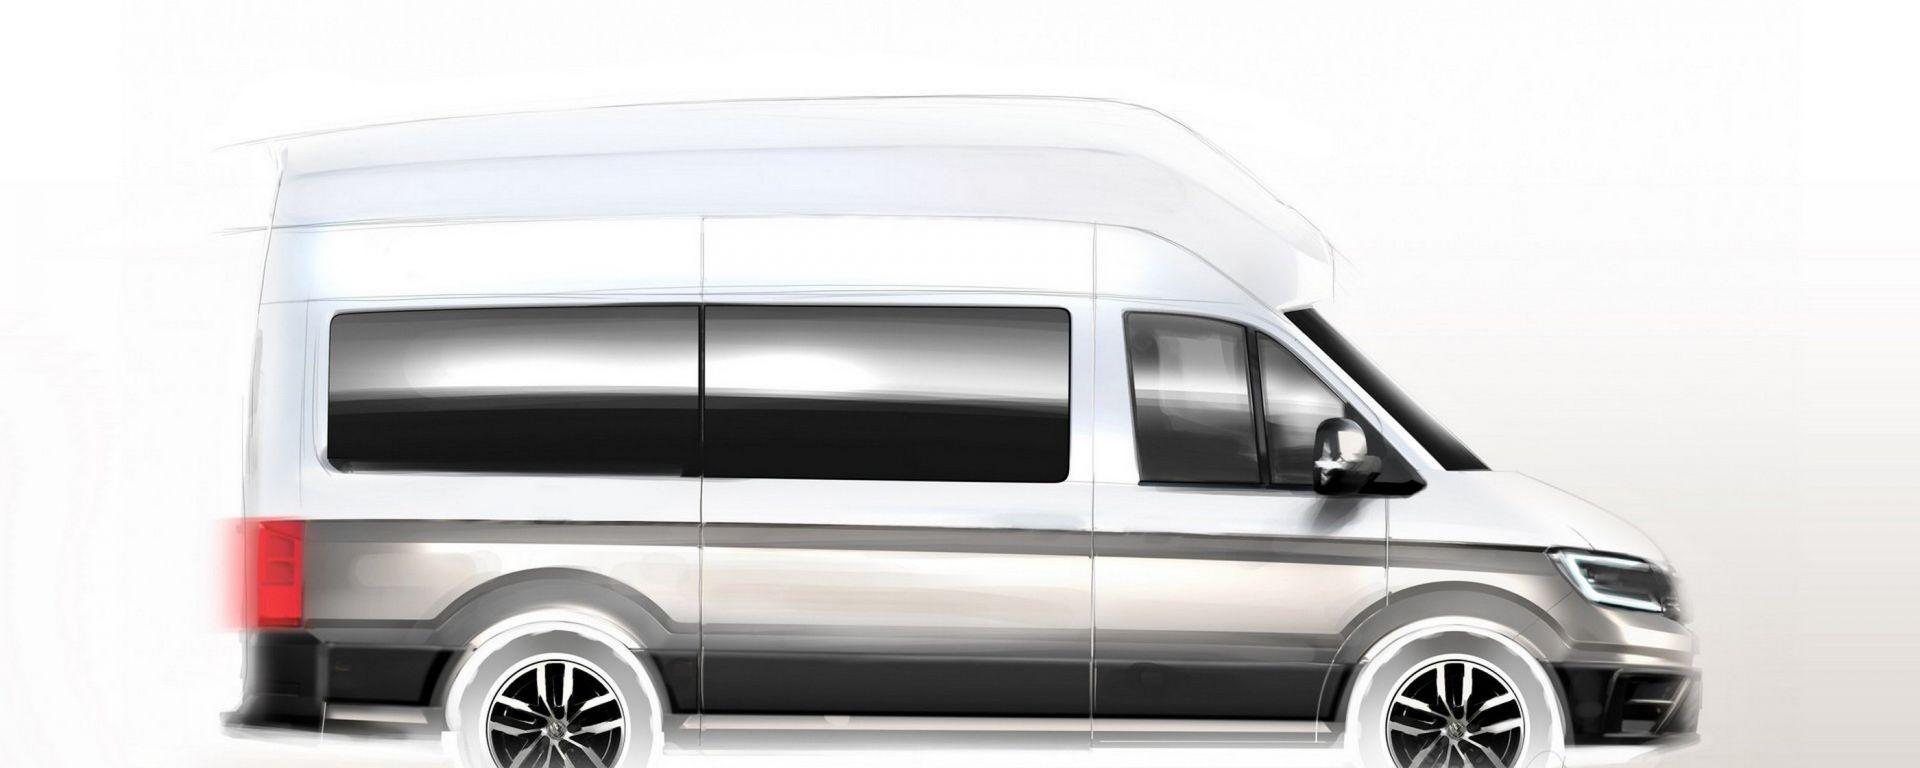 VW Camper: atteso ad agosto con letto e bagno con doccia